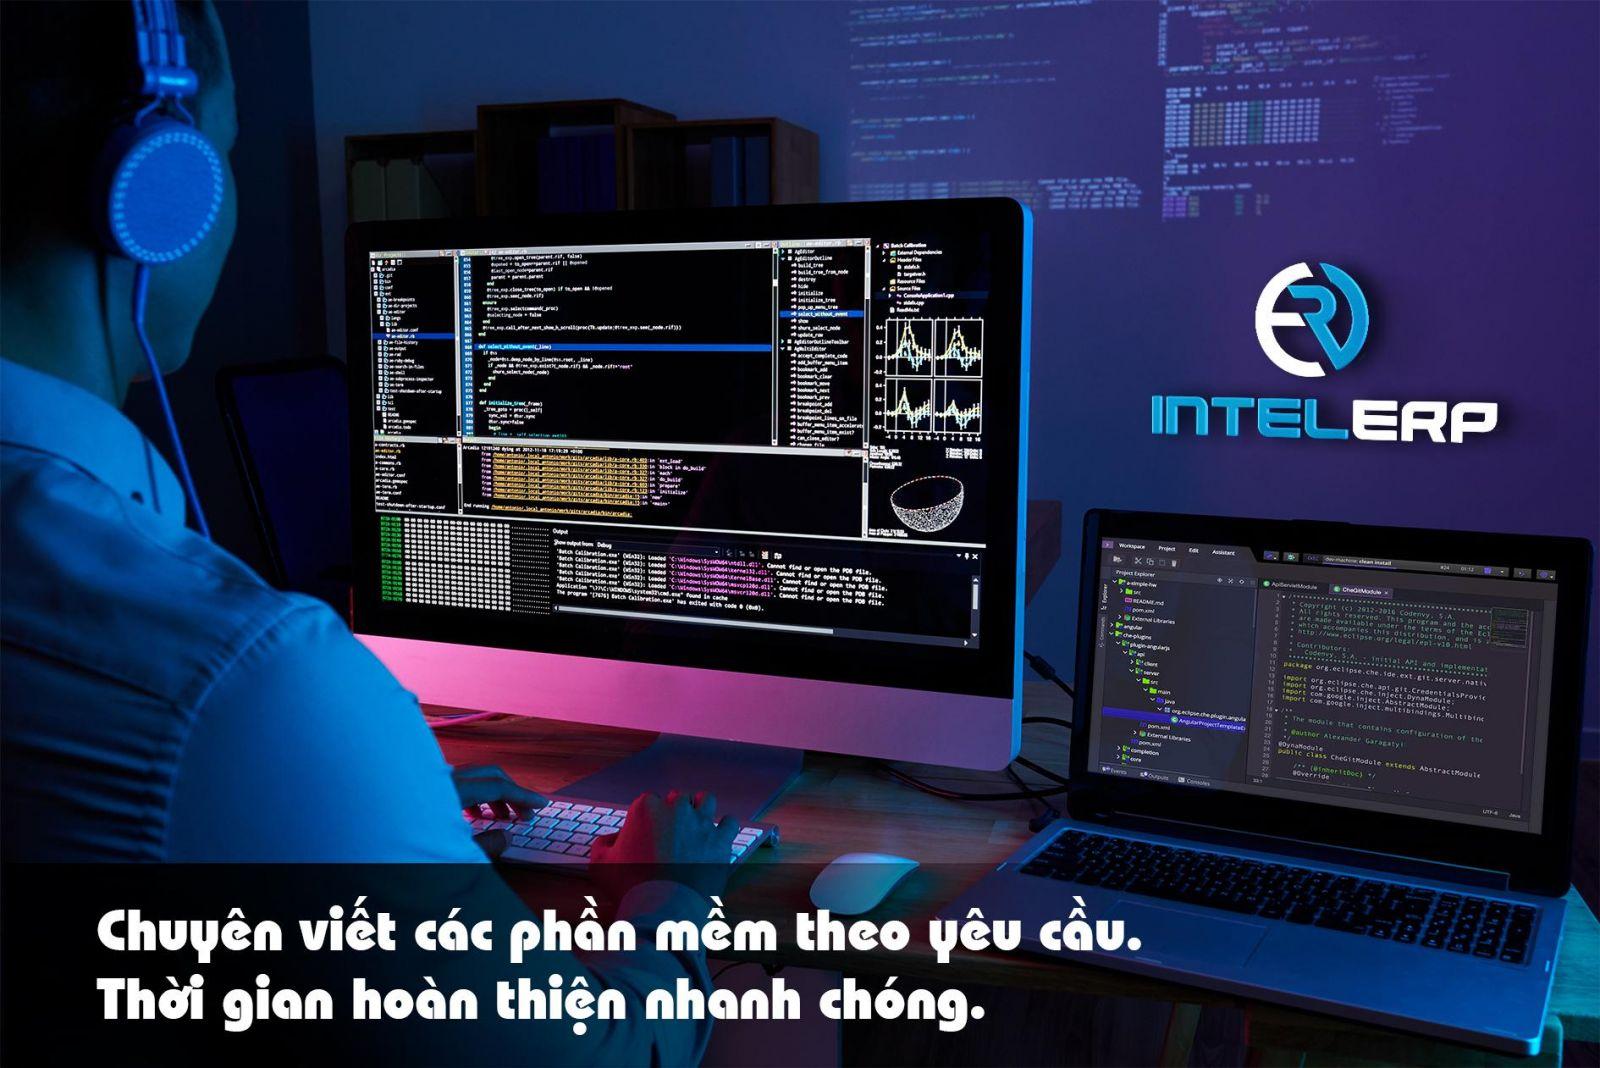 INTELERP SOFTWARES chuyên viết phần mềm theo yêu cầu, thời gian hoàn thiện nhanh chóng